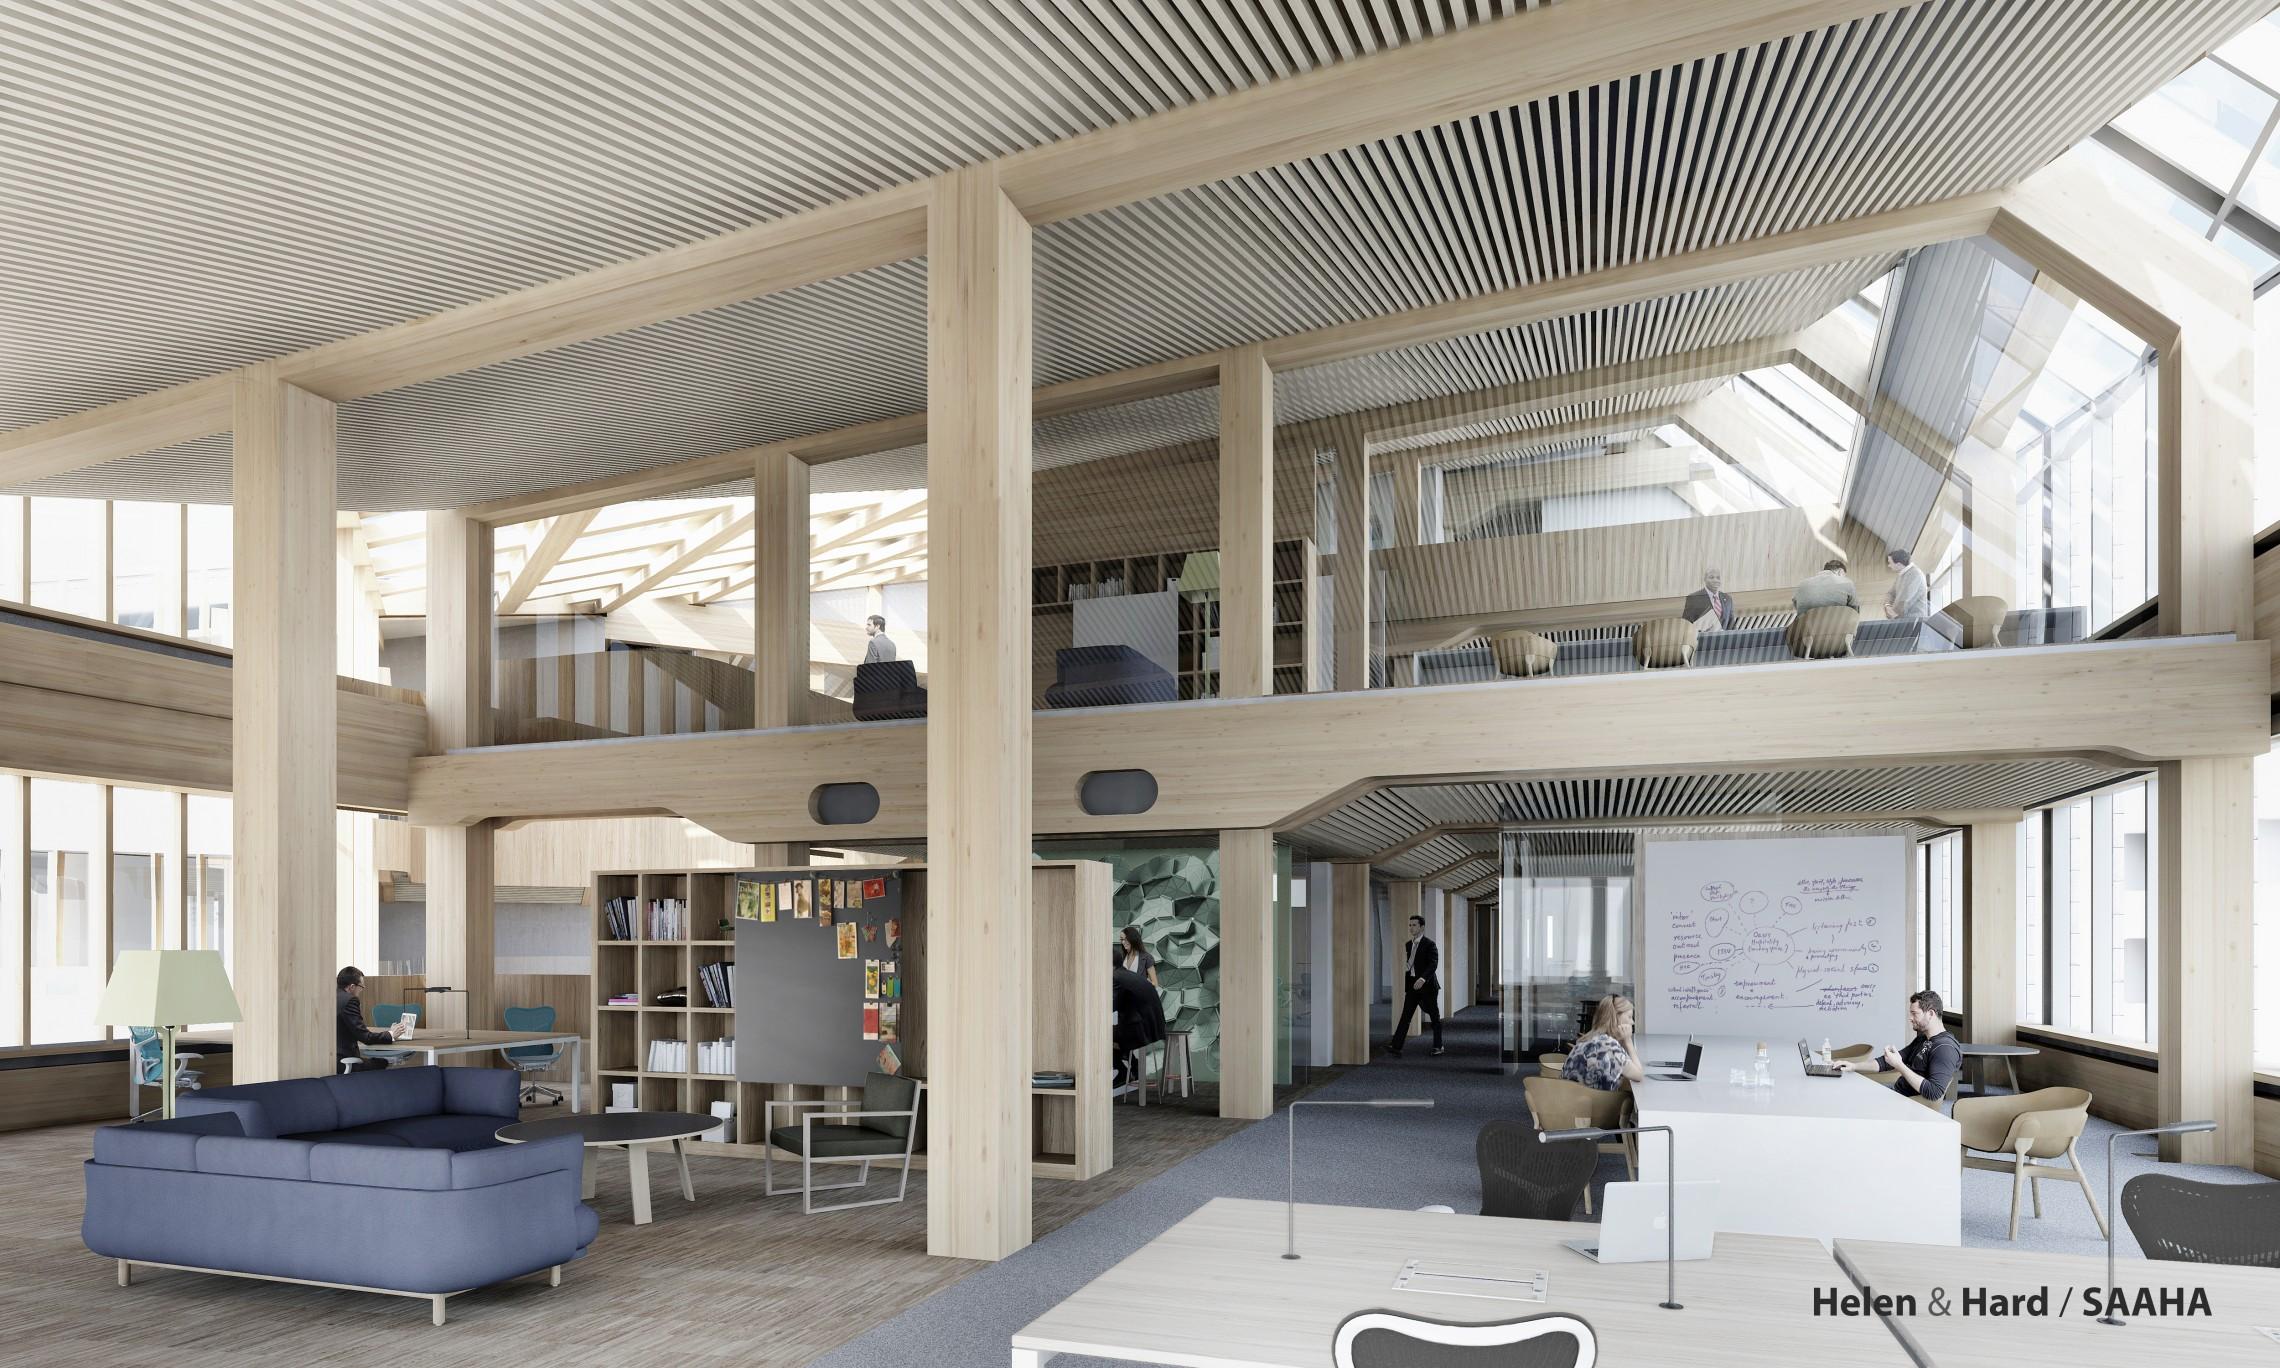 Til slutt i denne bolken presenterte arkitektkontoret Helen og Hard den nye hovedkontoret til SR-Bank, Finansparken, som blir et 5 etasjers kontorbygg på 13000 kvm. (Illustrasjon: Helen & Hard)